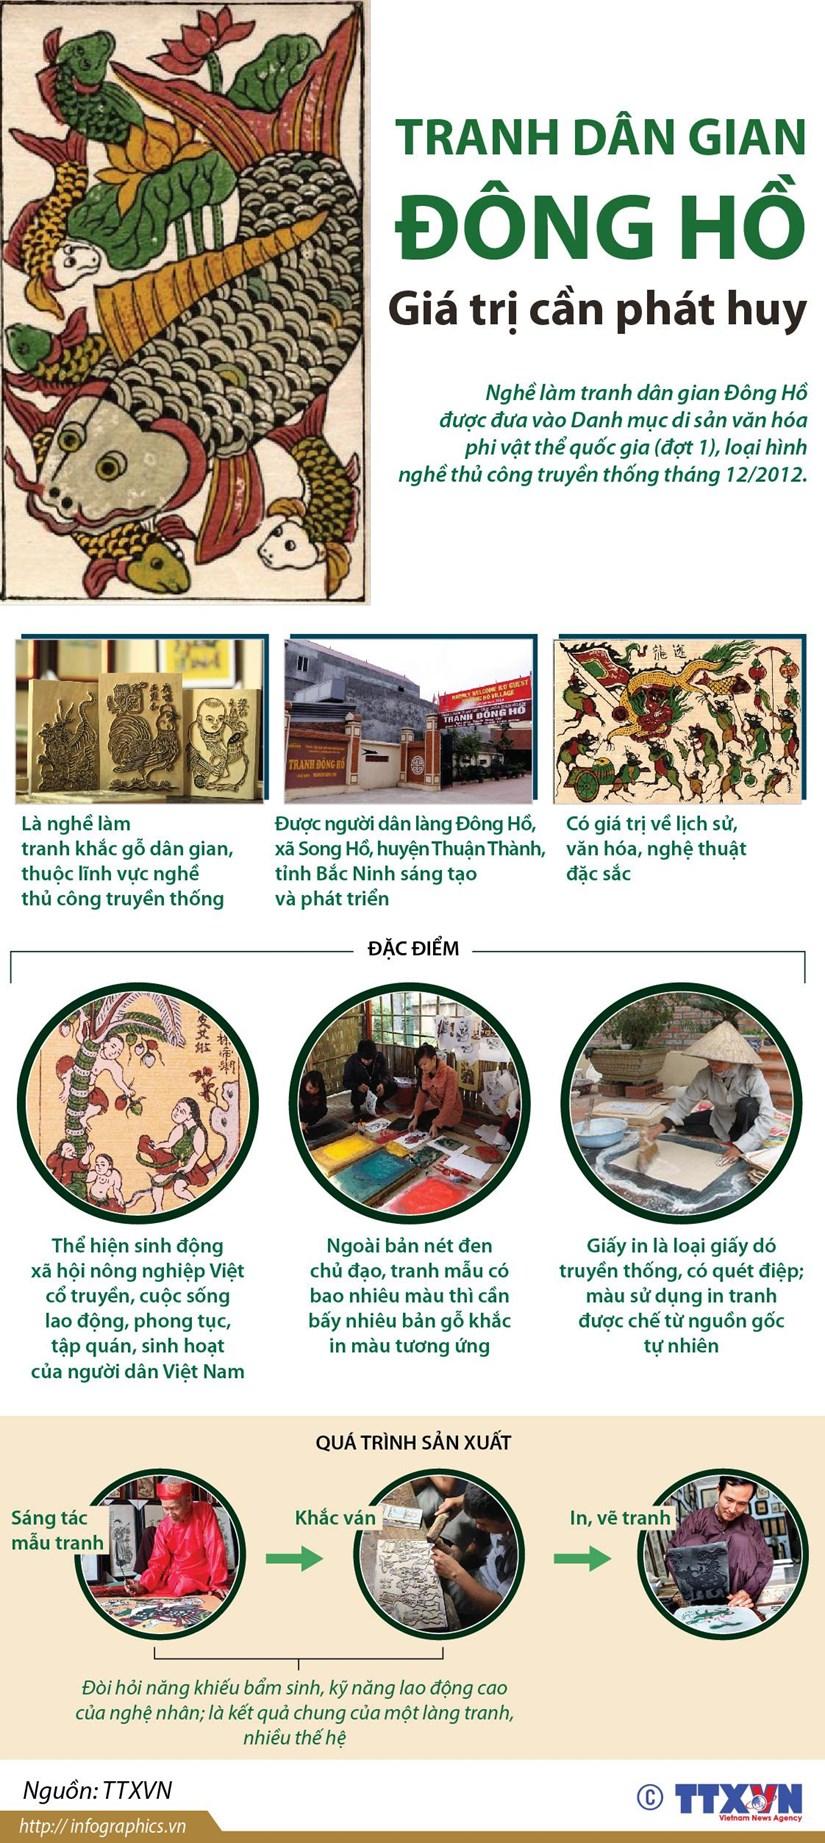 [Infographics] Tranh dan gian Dong Ho - di san van hoa can bao ton hinh anh 1